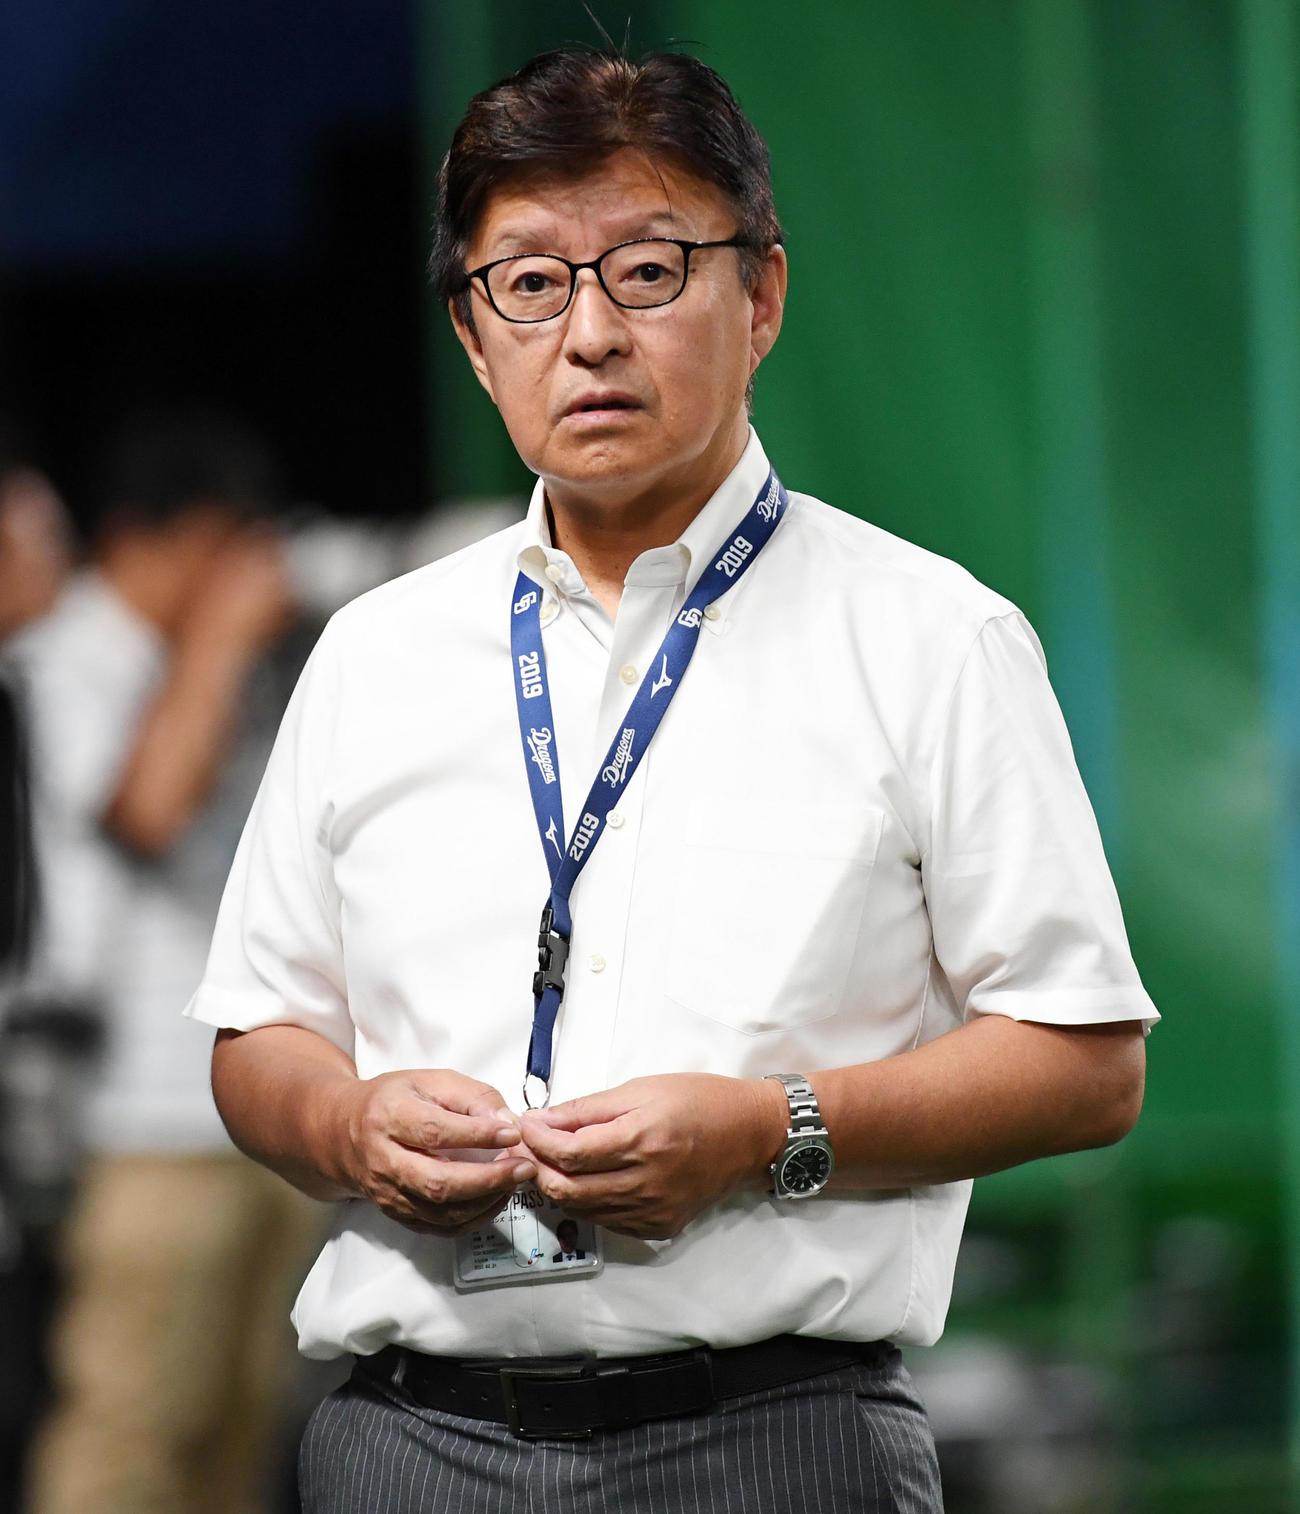 中日の加藤宏幸球団代表